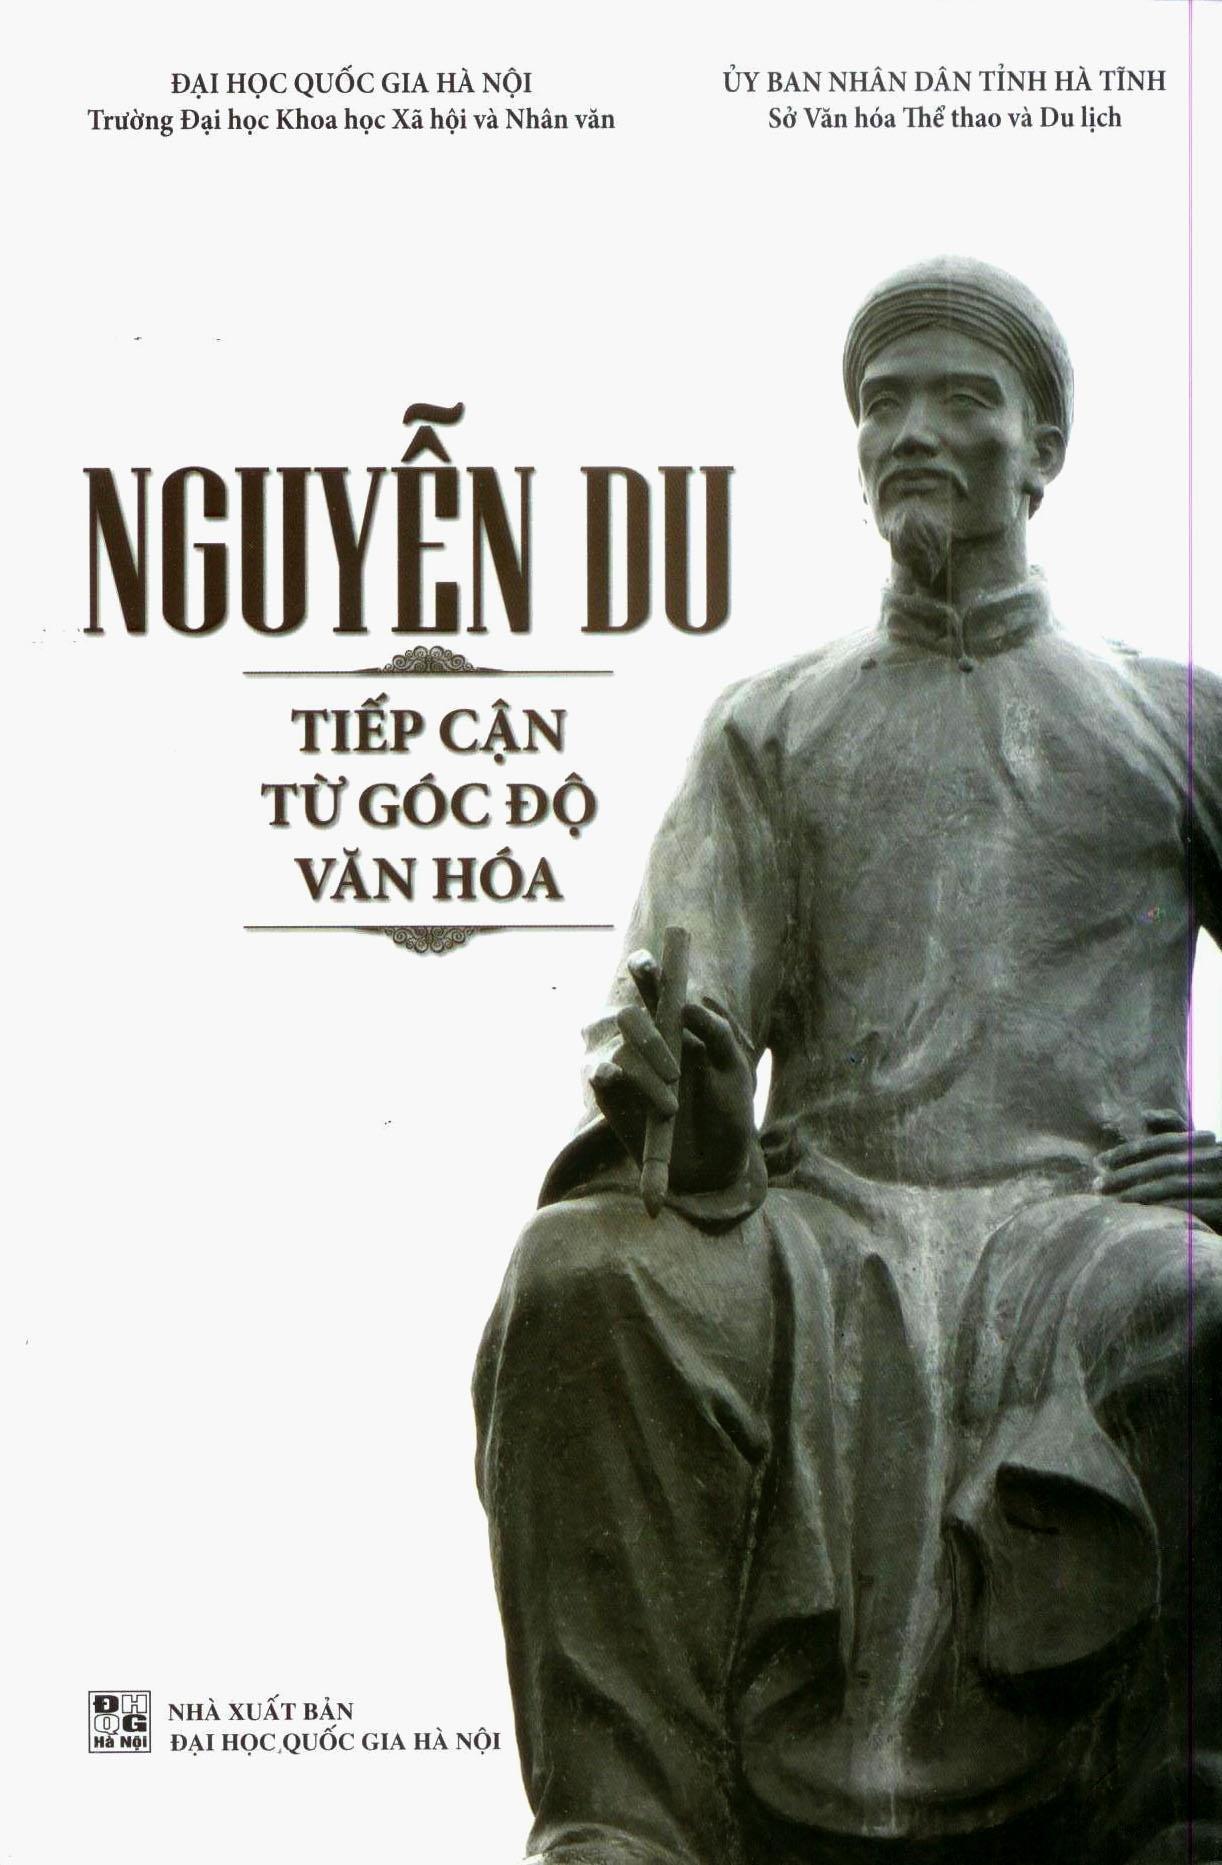 Nguyễn Du tiếp cận từ góc độ văn hoá